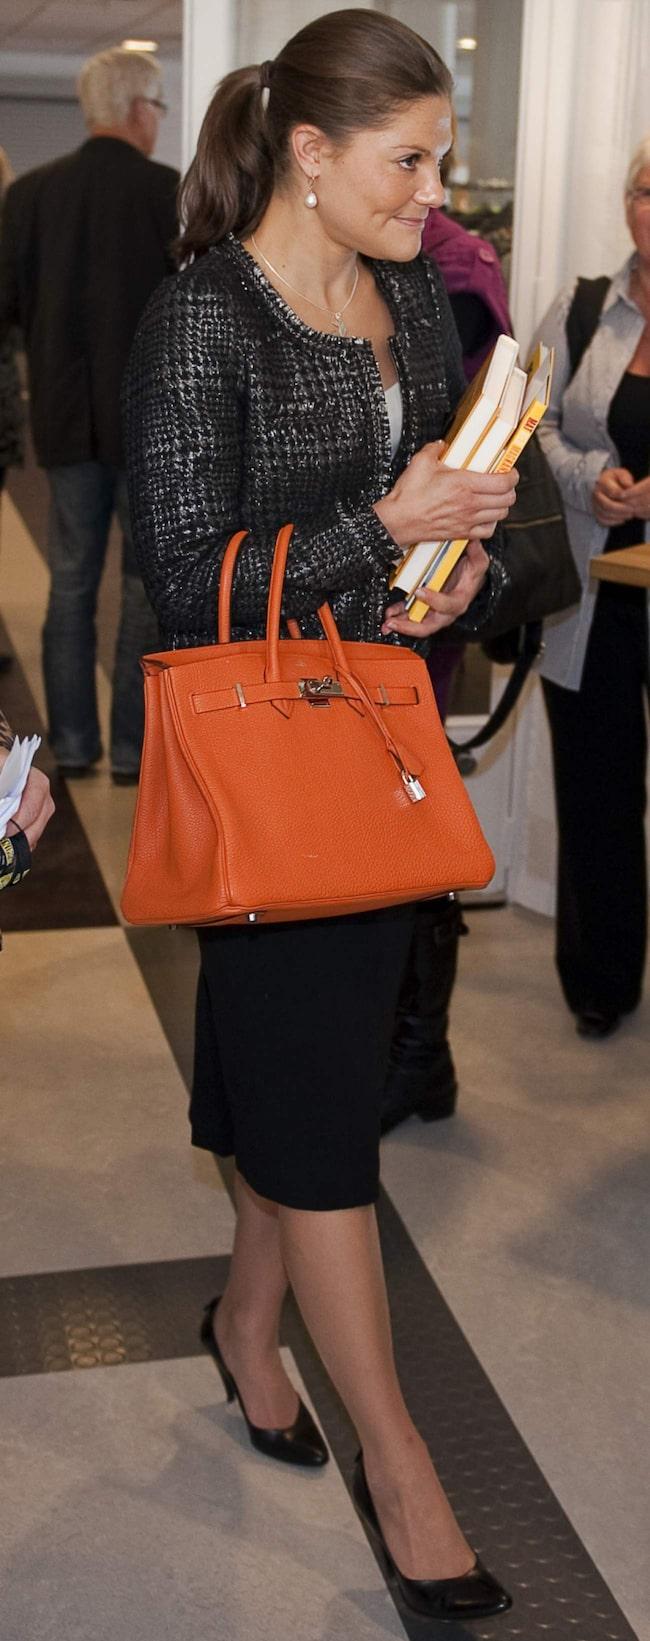 Kronprinsessan Victoria med sin Birkin-väska från Hérmes.